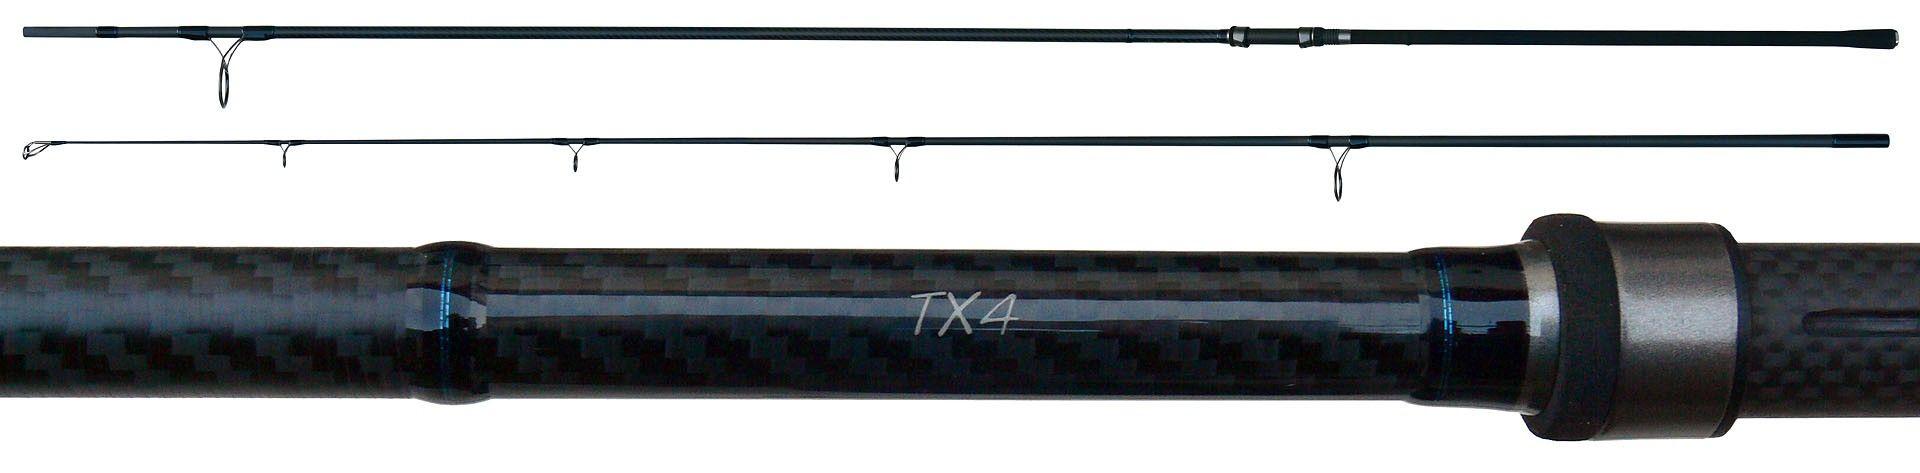 Erős és érzékeny, ez a két fő jellemzője a Tribal TX-4 Intensity botnak